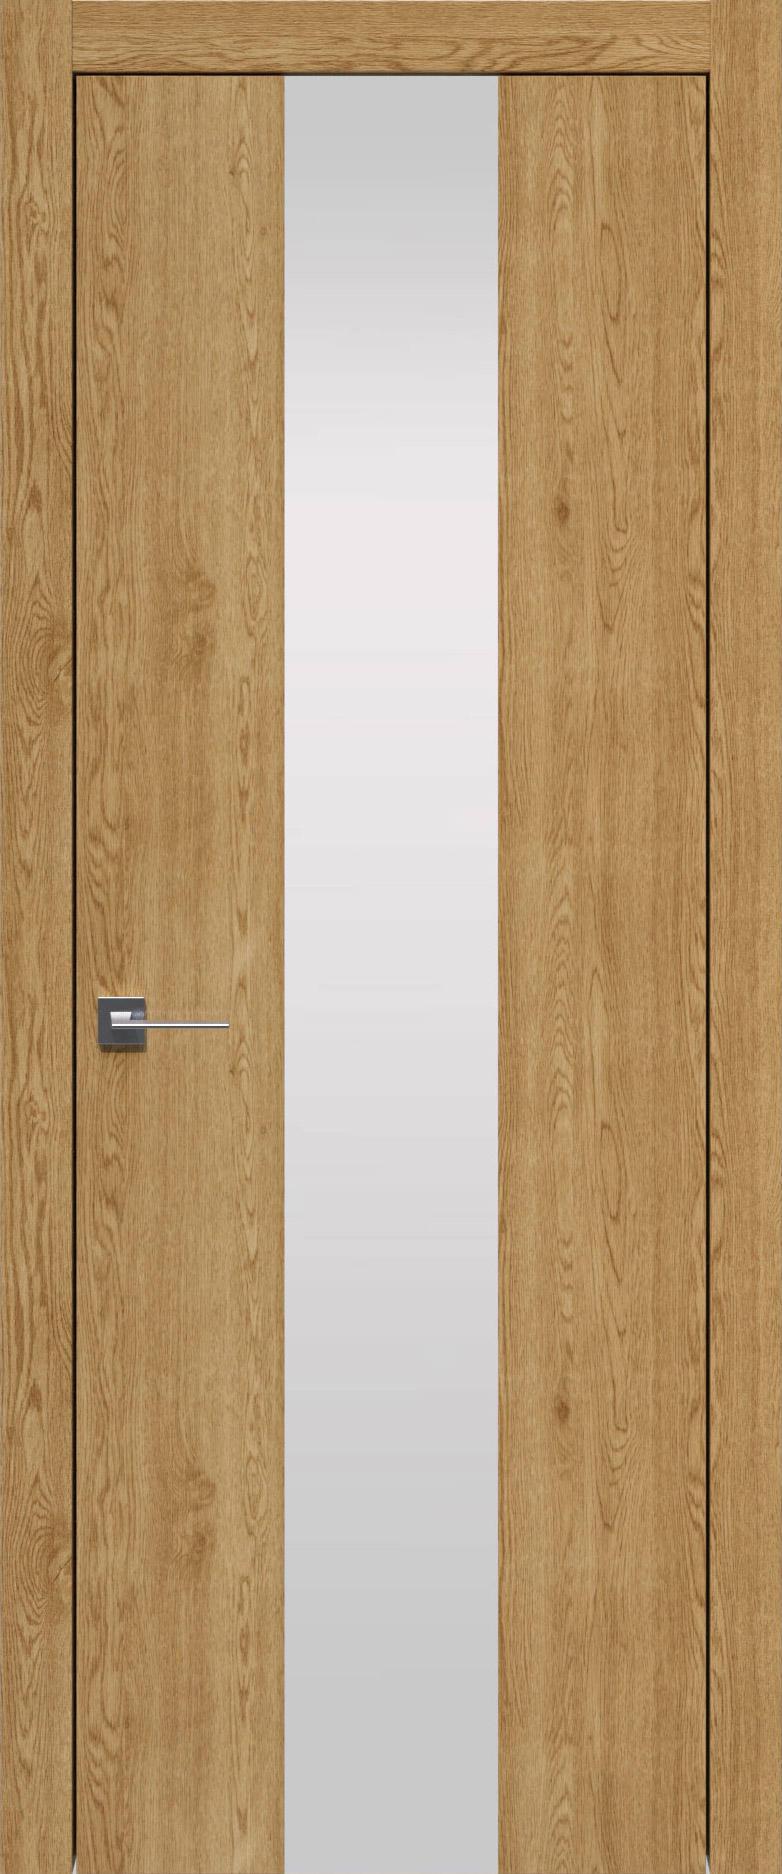 Tivoli Ж-1 цвет - Дуб натуральный Со стеклом (ДО)